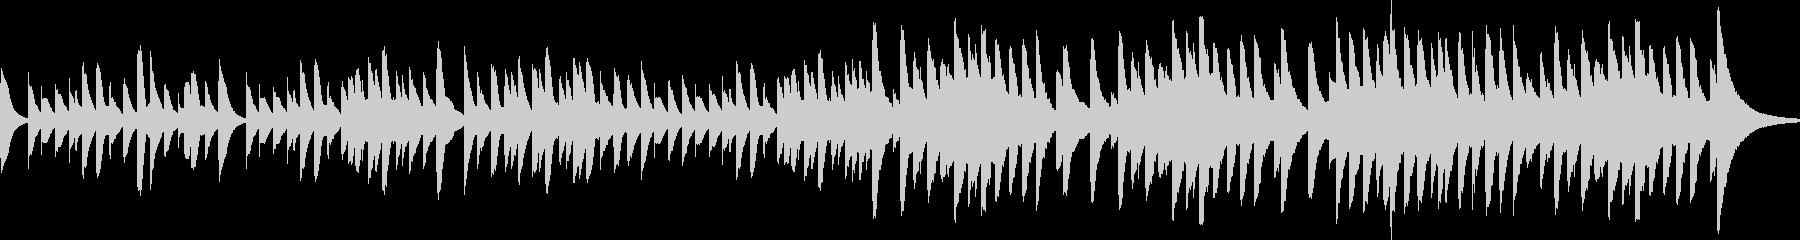 交響曲第9番「合唱付」 ベートーヴェンの未再生の波形